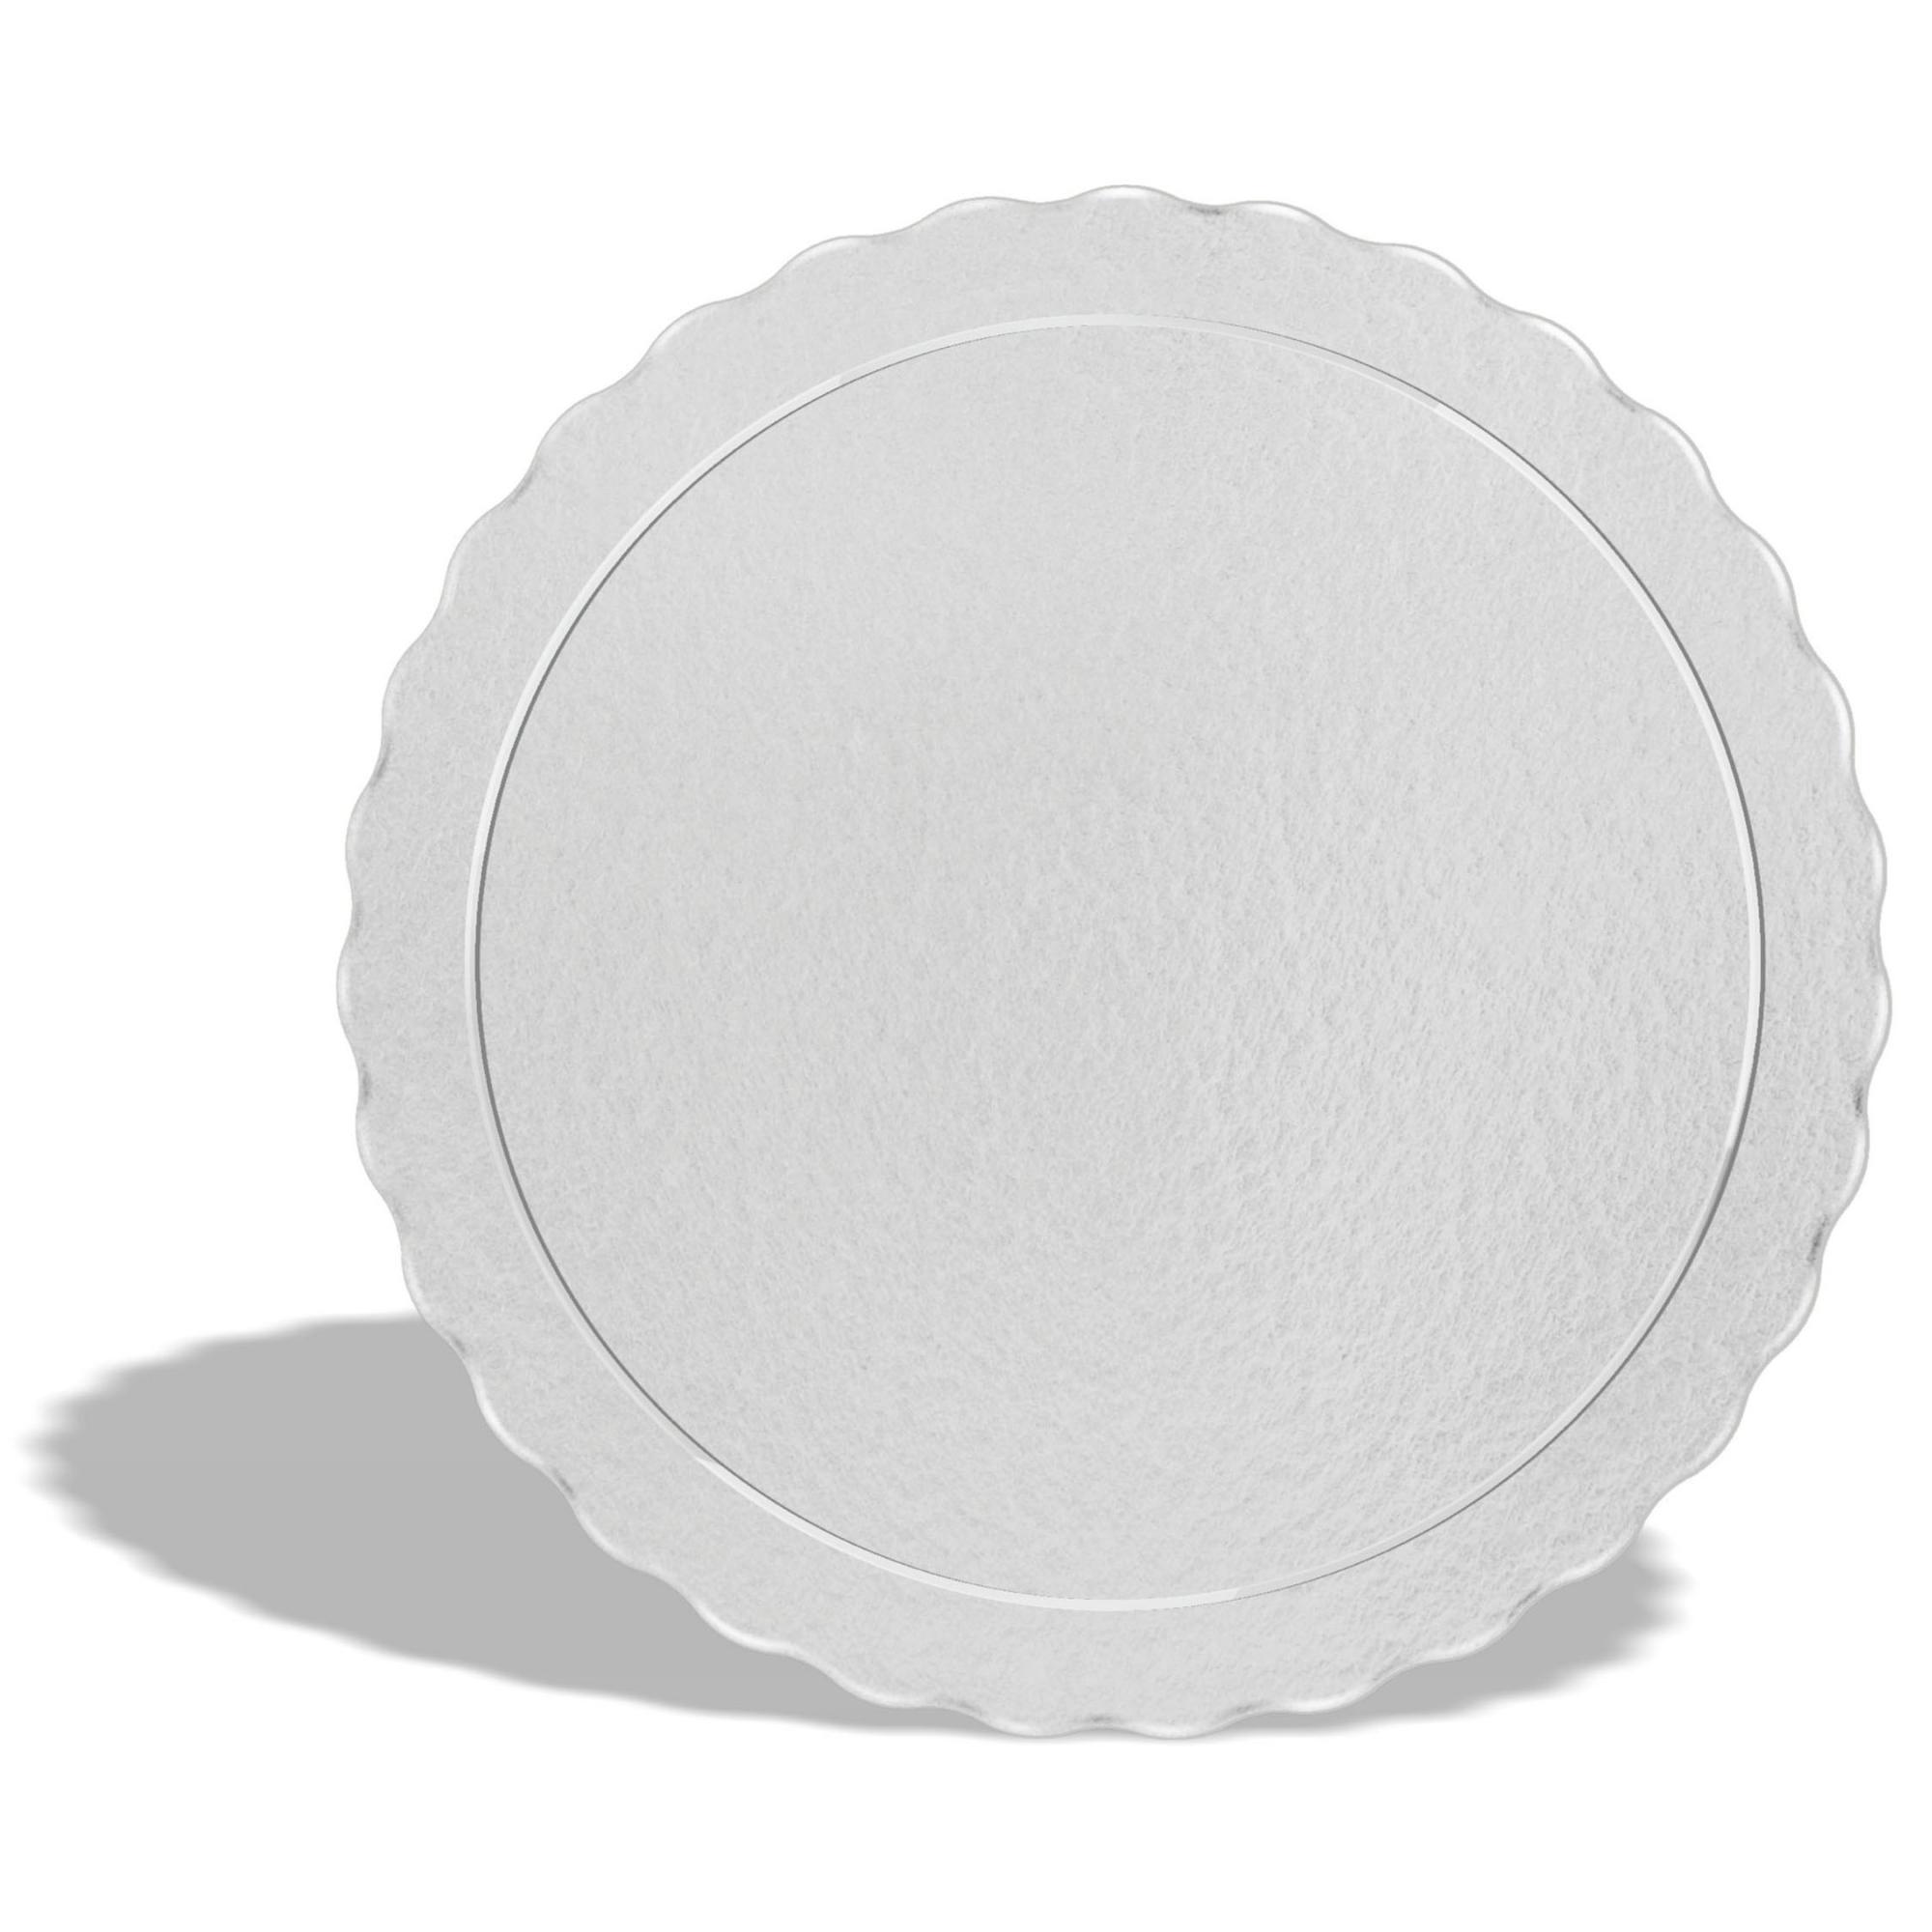 100 Bases Laminadas, Suporte P/ Bolo, Cake Board, 38cm - Branca